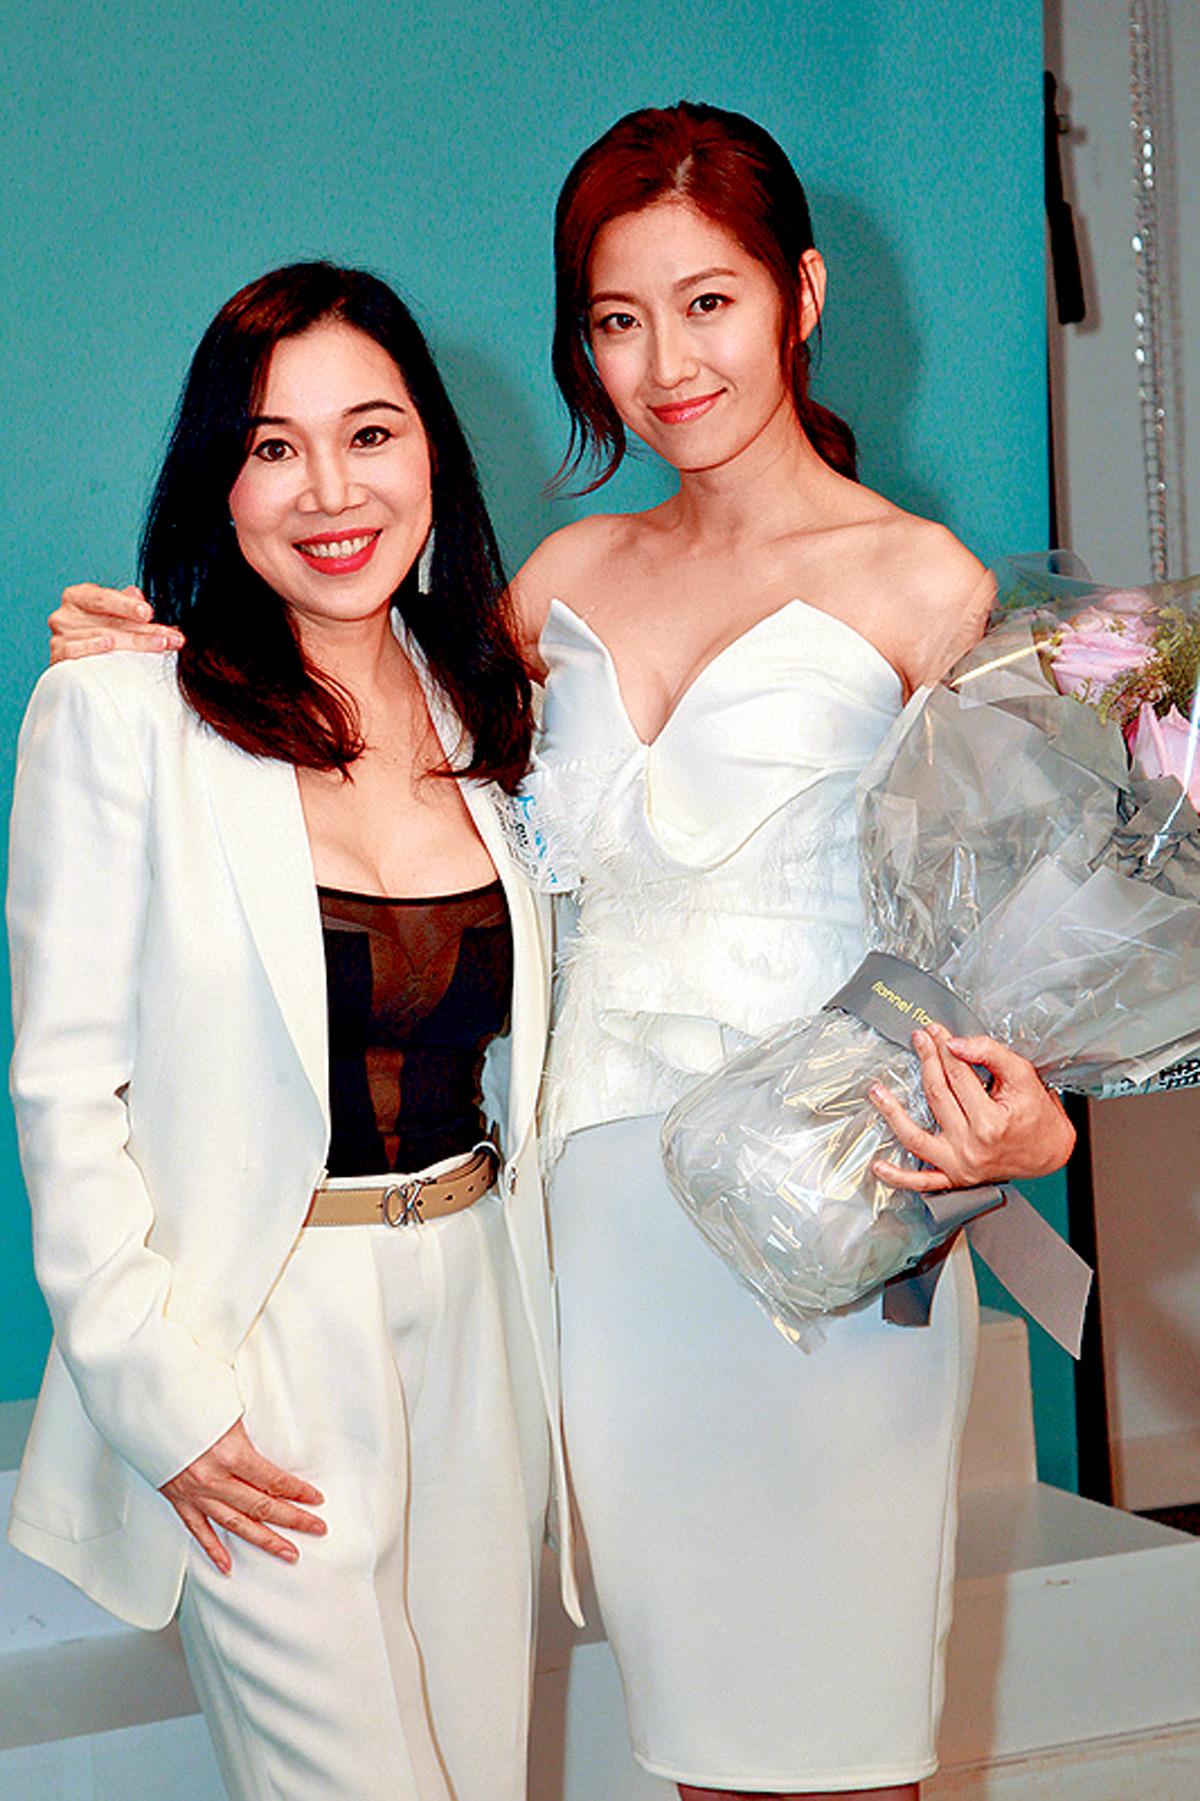 ■品牌老闆建議陳自瑤可升到D級,她亦高興表示OK。